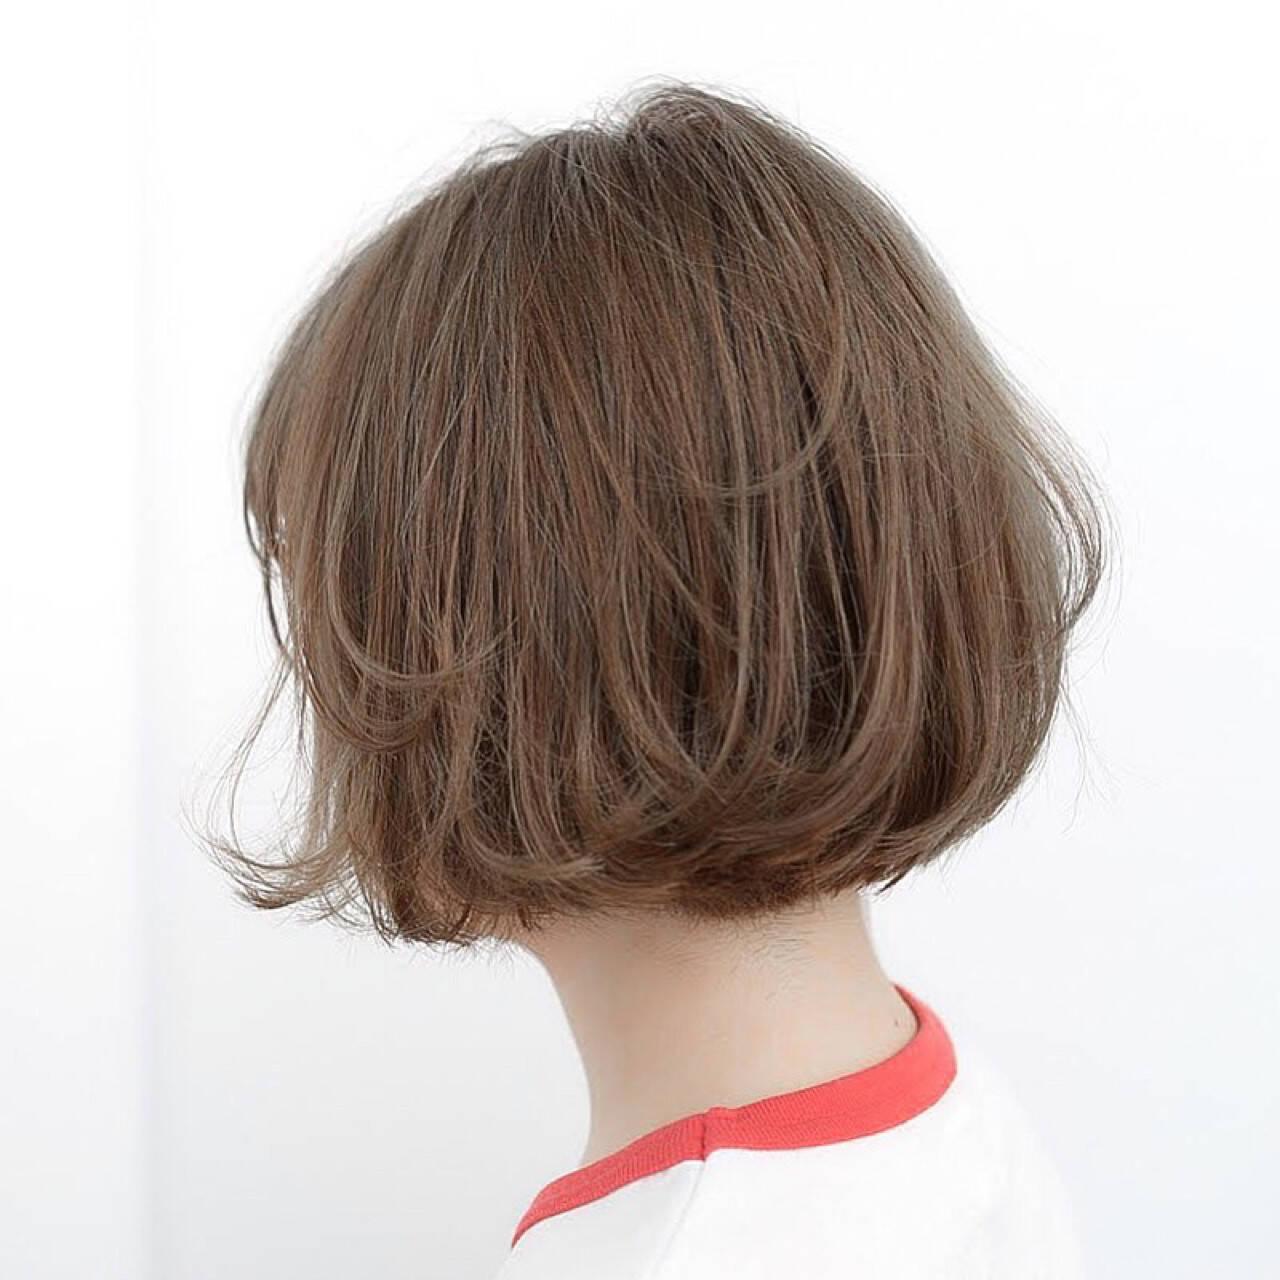 ナチュラル 前髪あり グレージュ ボブヘアスタイルや髪型の写真・画像